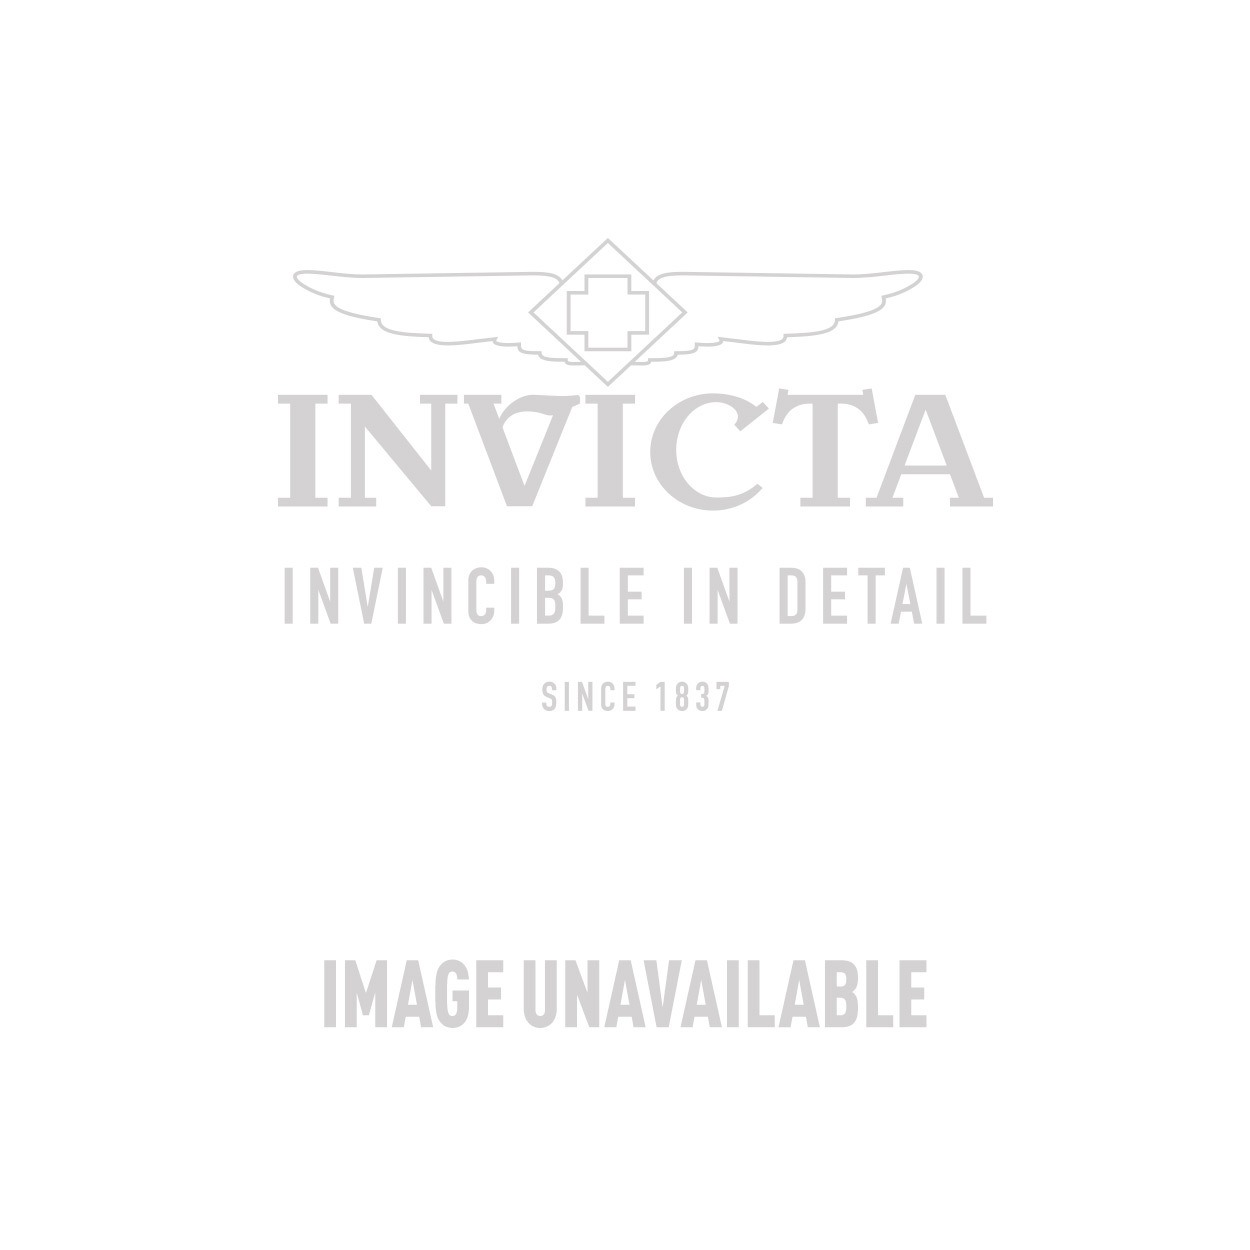 Invicta Model 25588